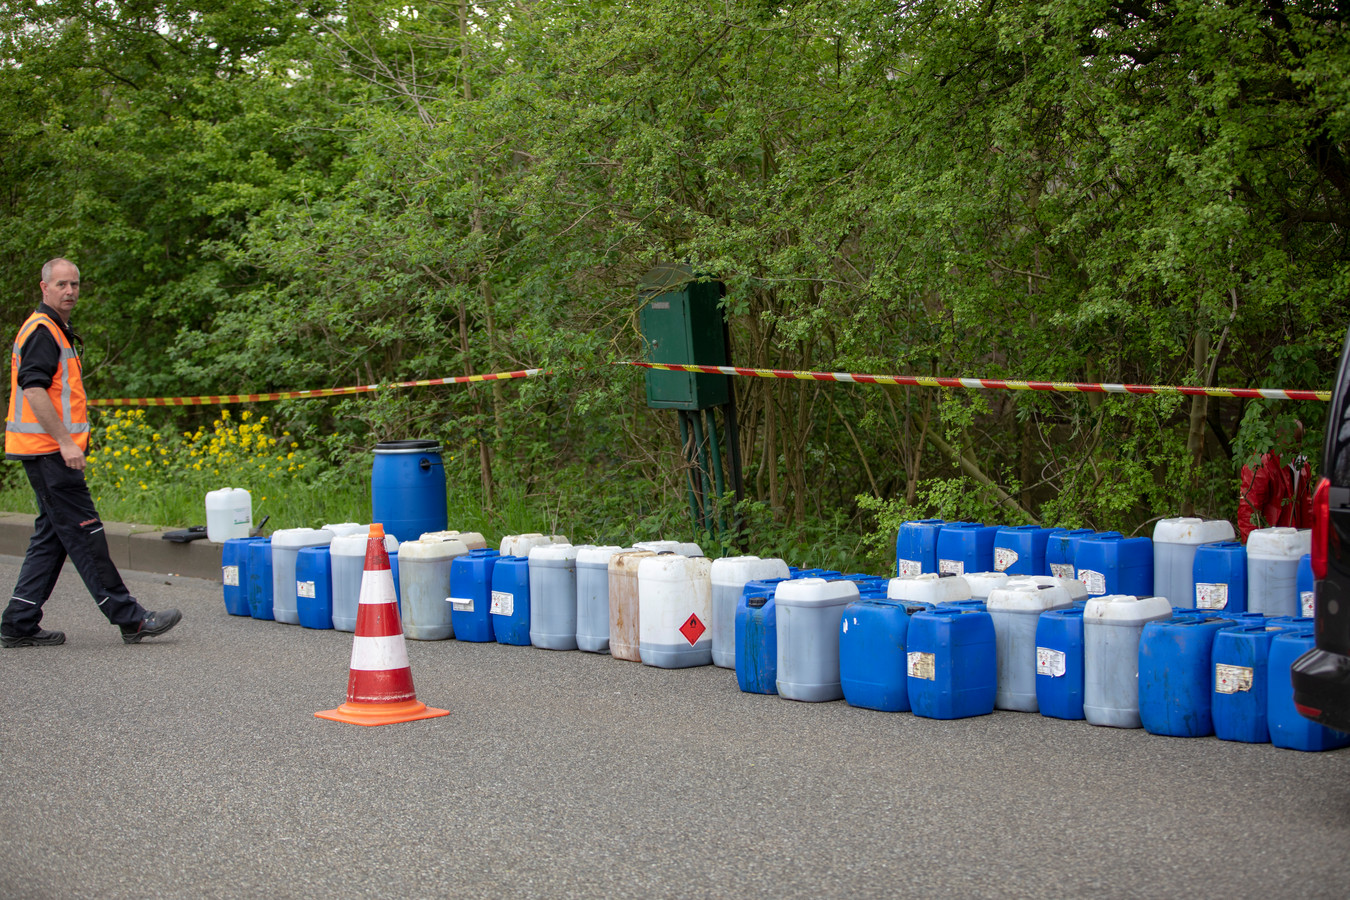 Archieffoto. Wie in deze tijd met witte en blauwe jerrycans werkt, moet volgens het Openbaar Ministerie beseffen dat het mogelijk om drugsafval en/of verboden chemicaliën gaat.